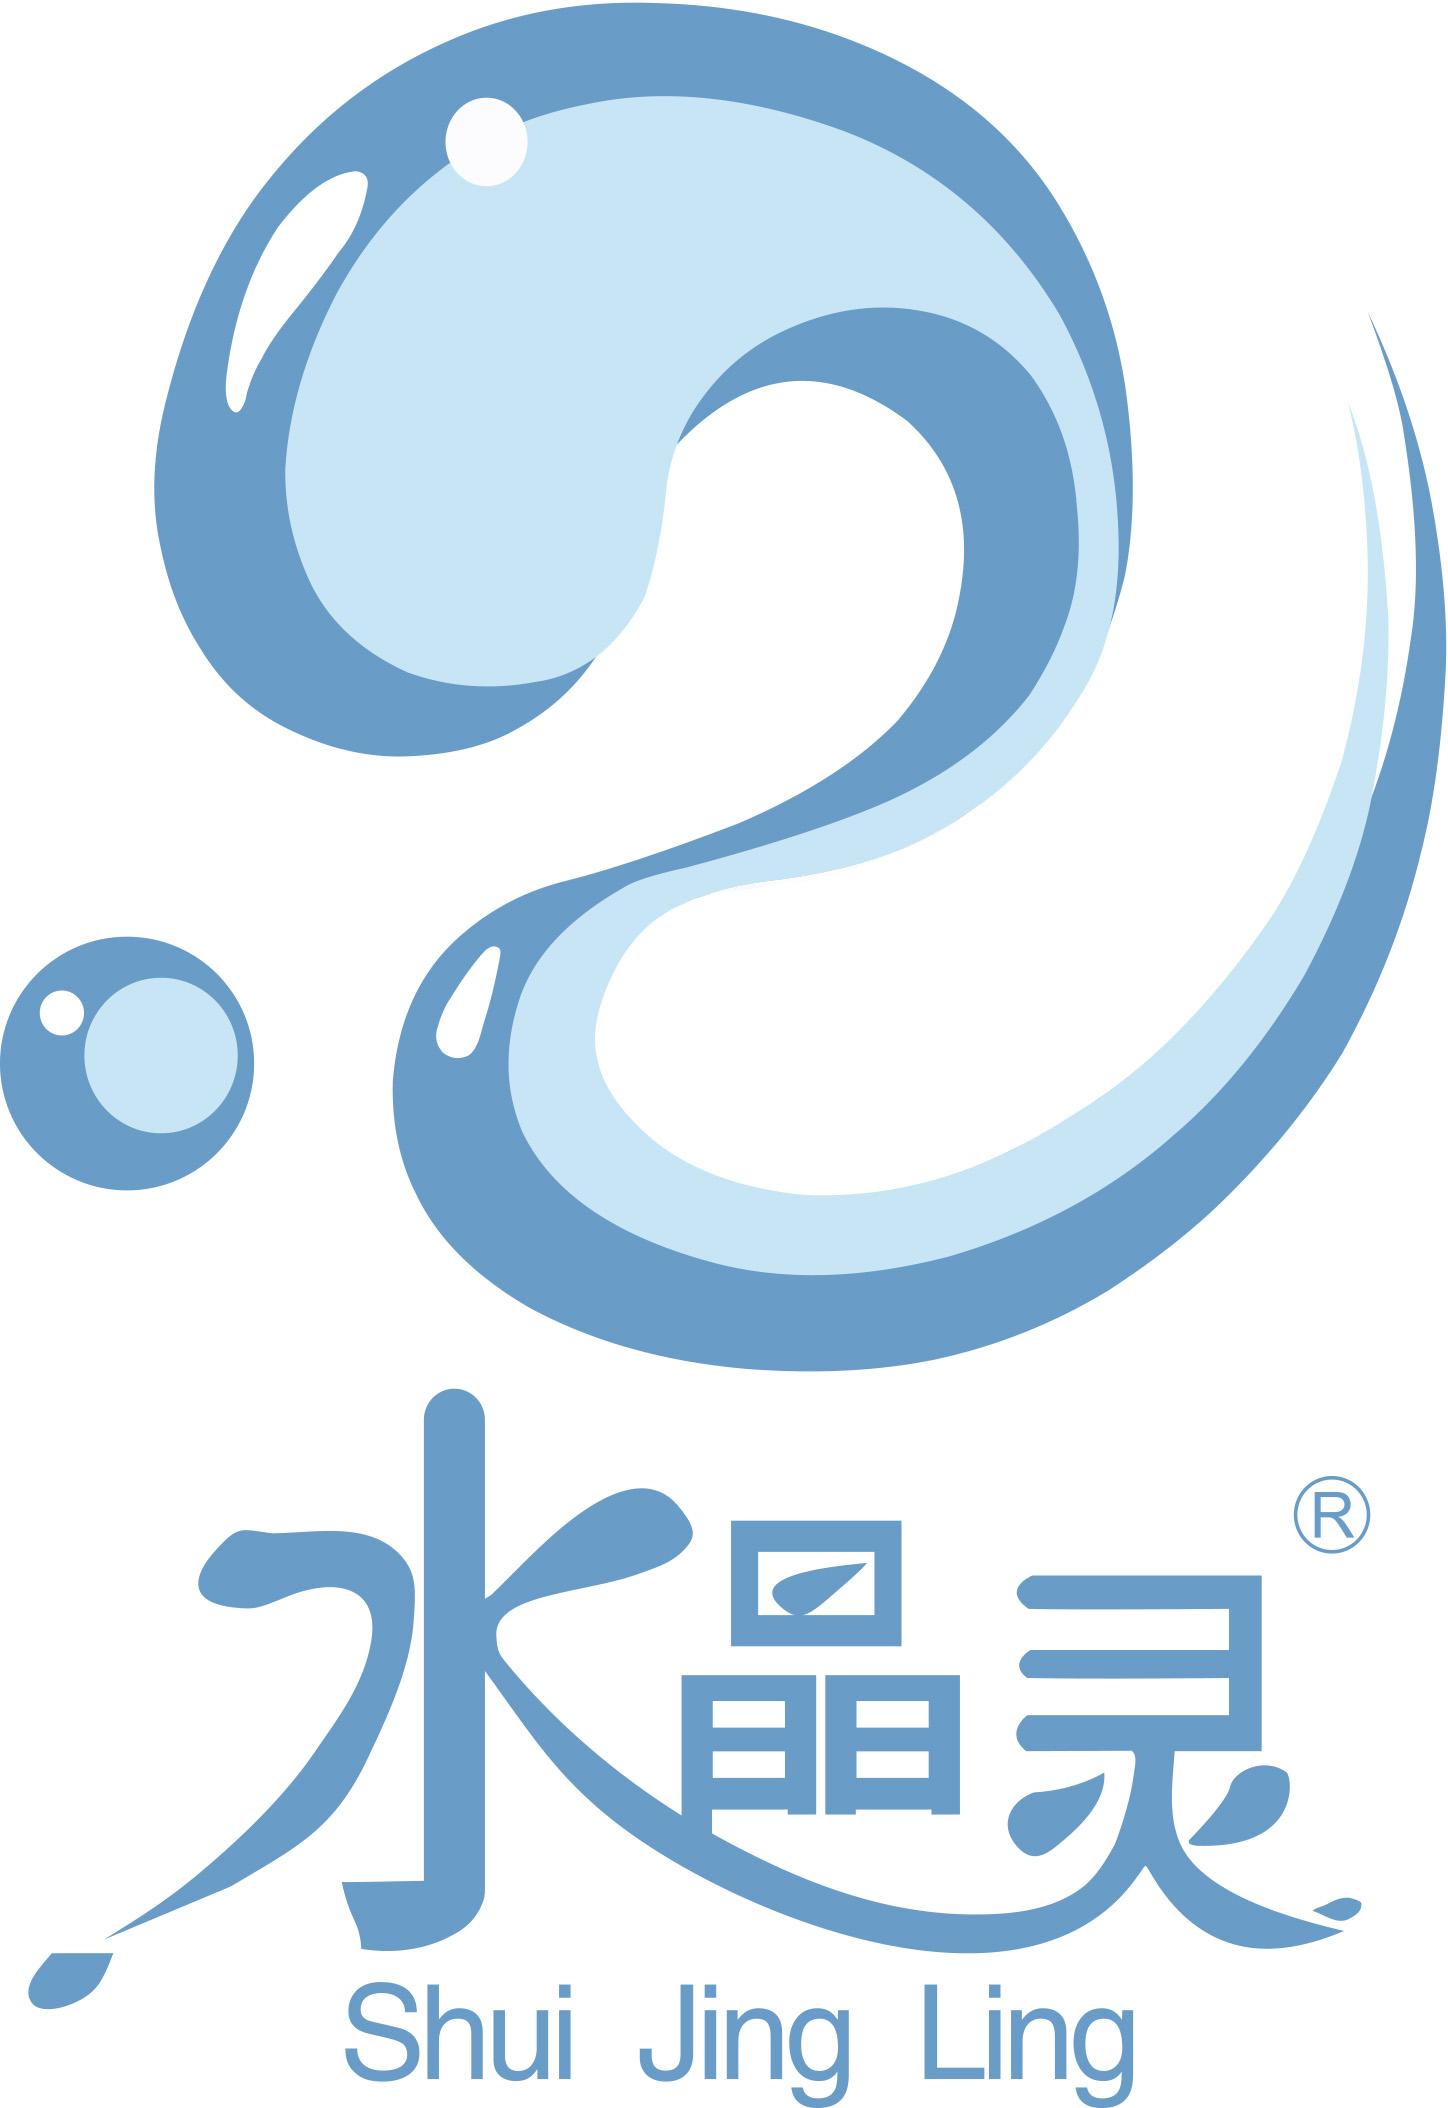 水晶靈logo